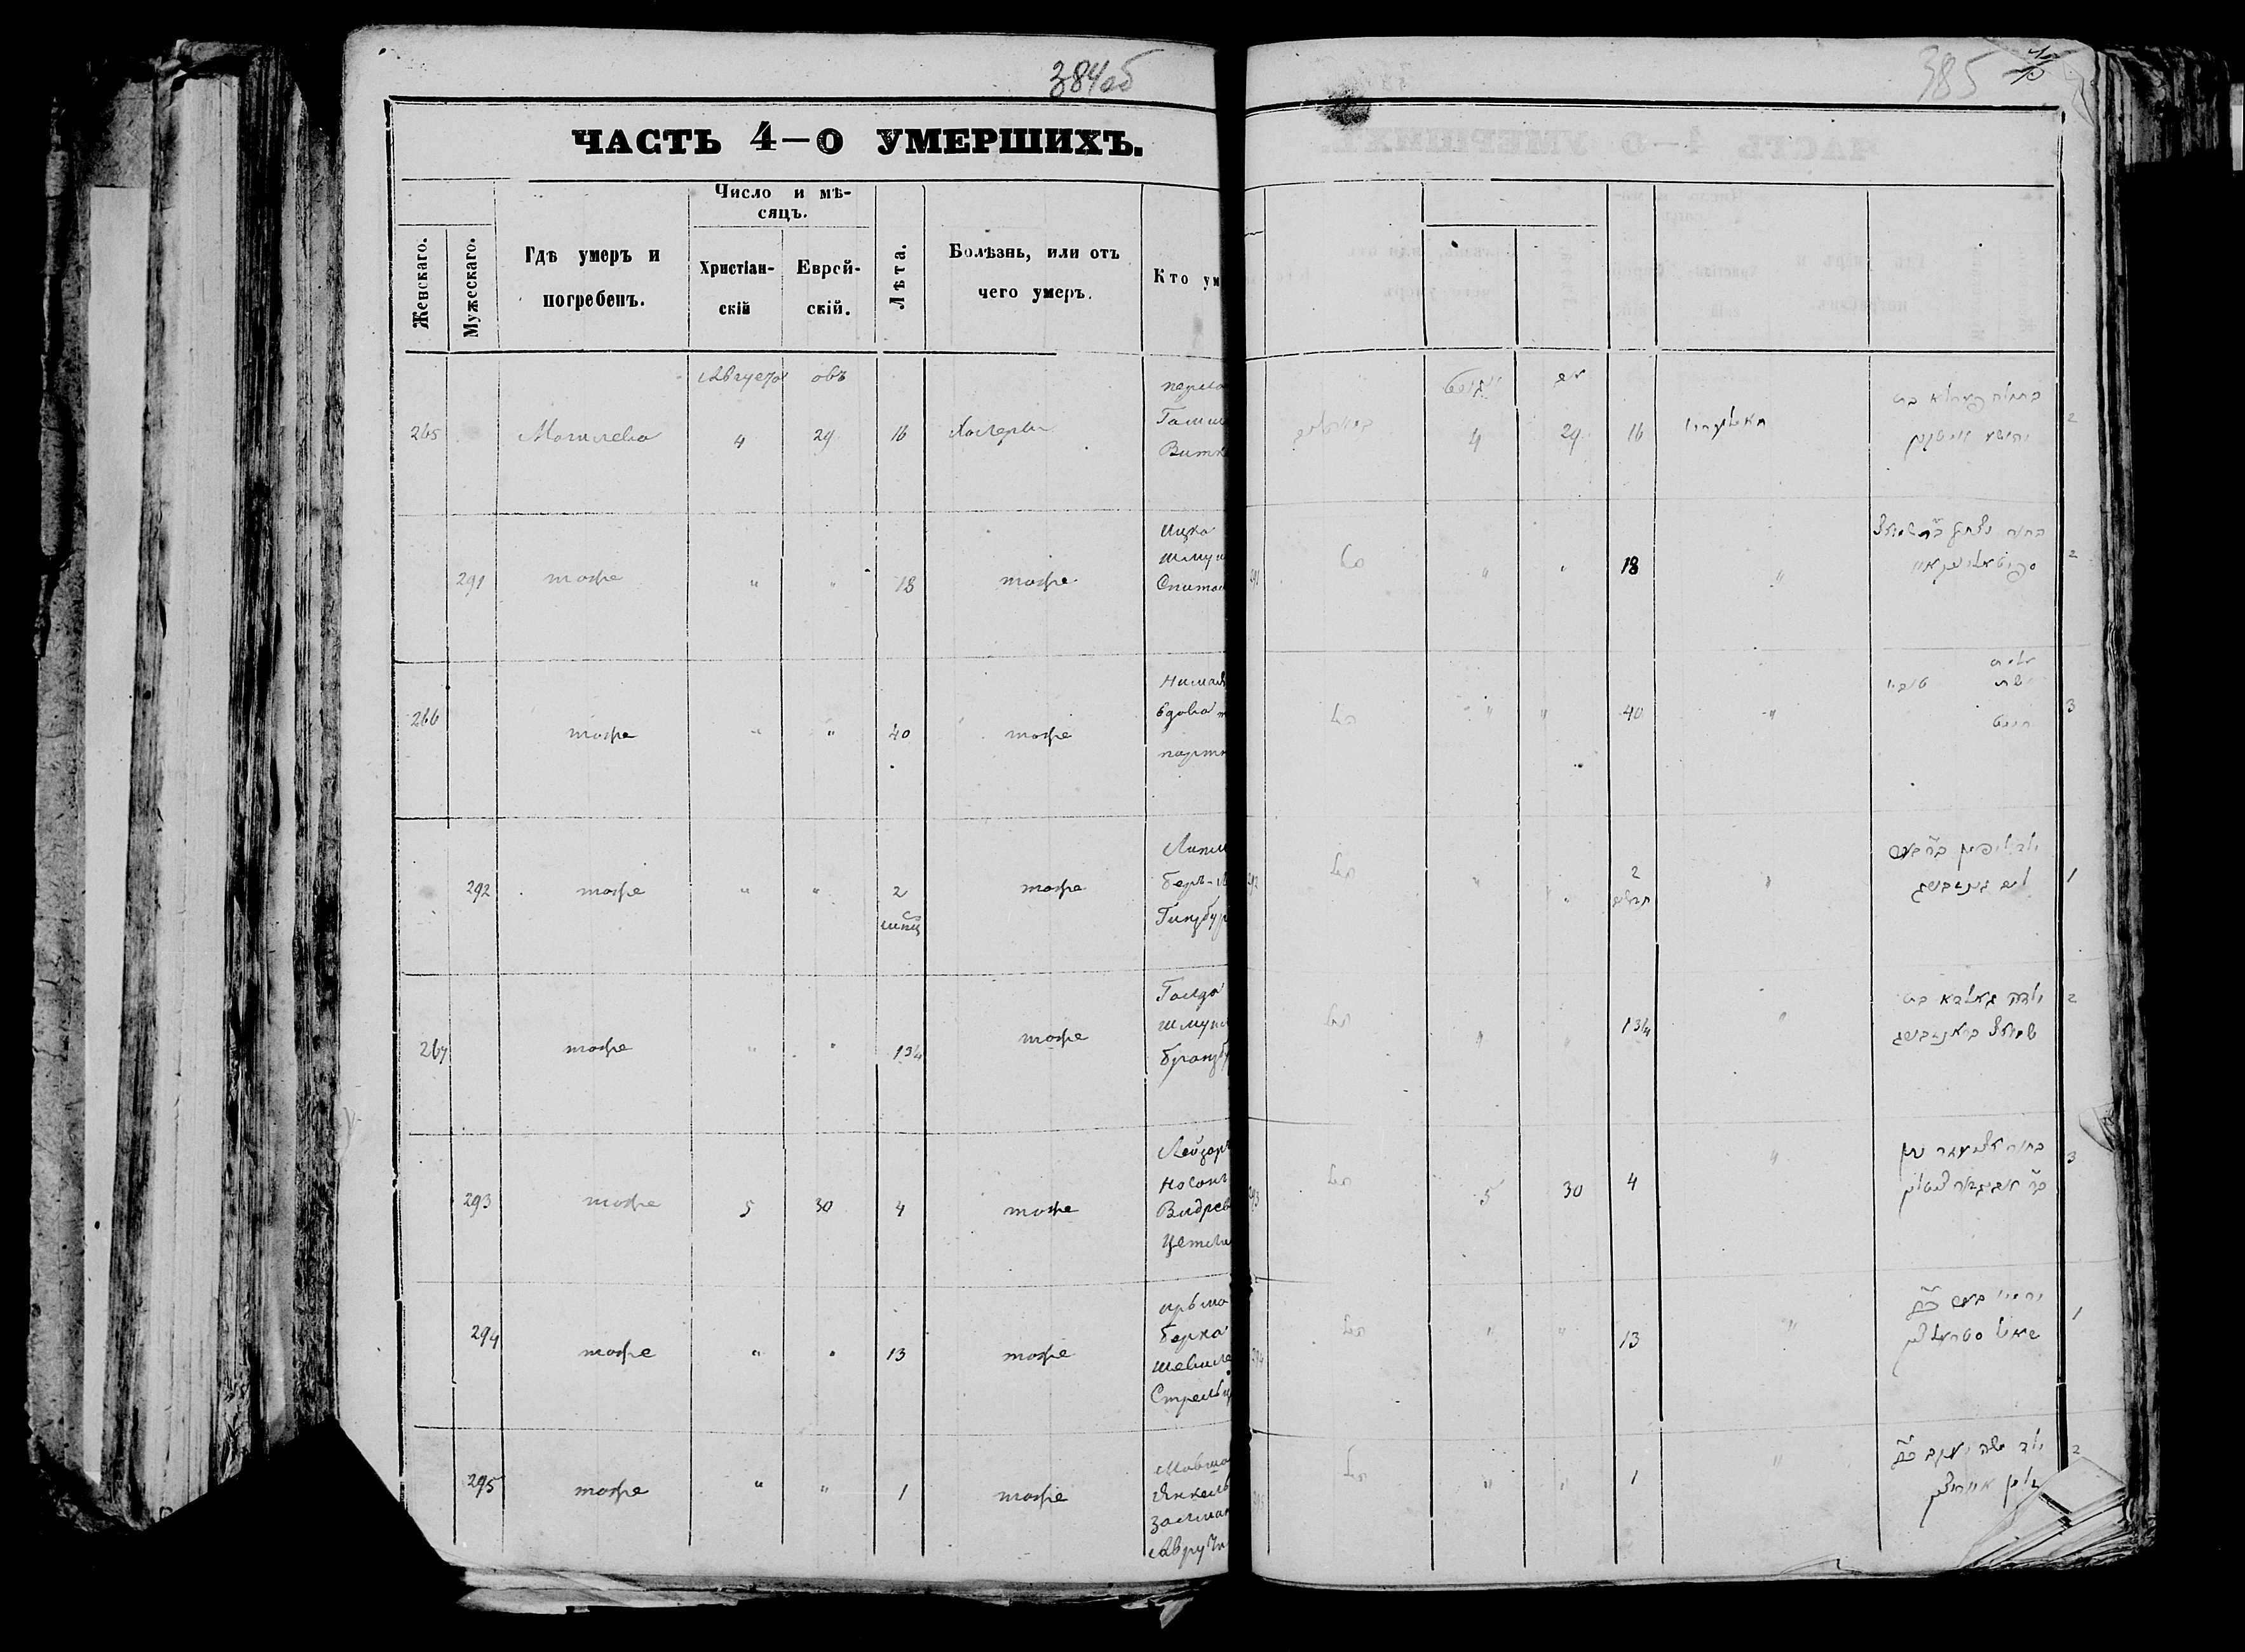 Ирьма-Берка Шевелевич Стрельцын ум. 5 августа 1871, запись 294, пленка 007766480, снимок 406